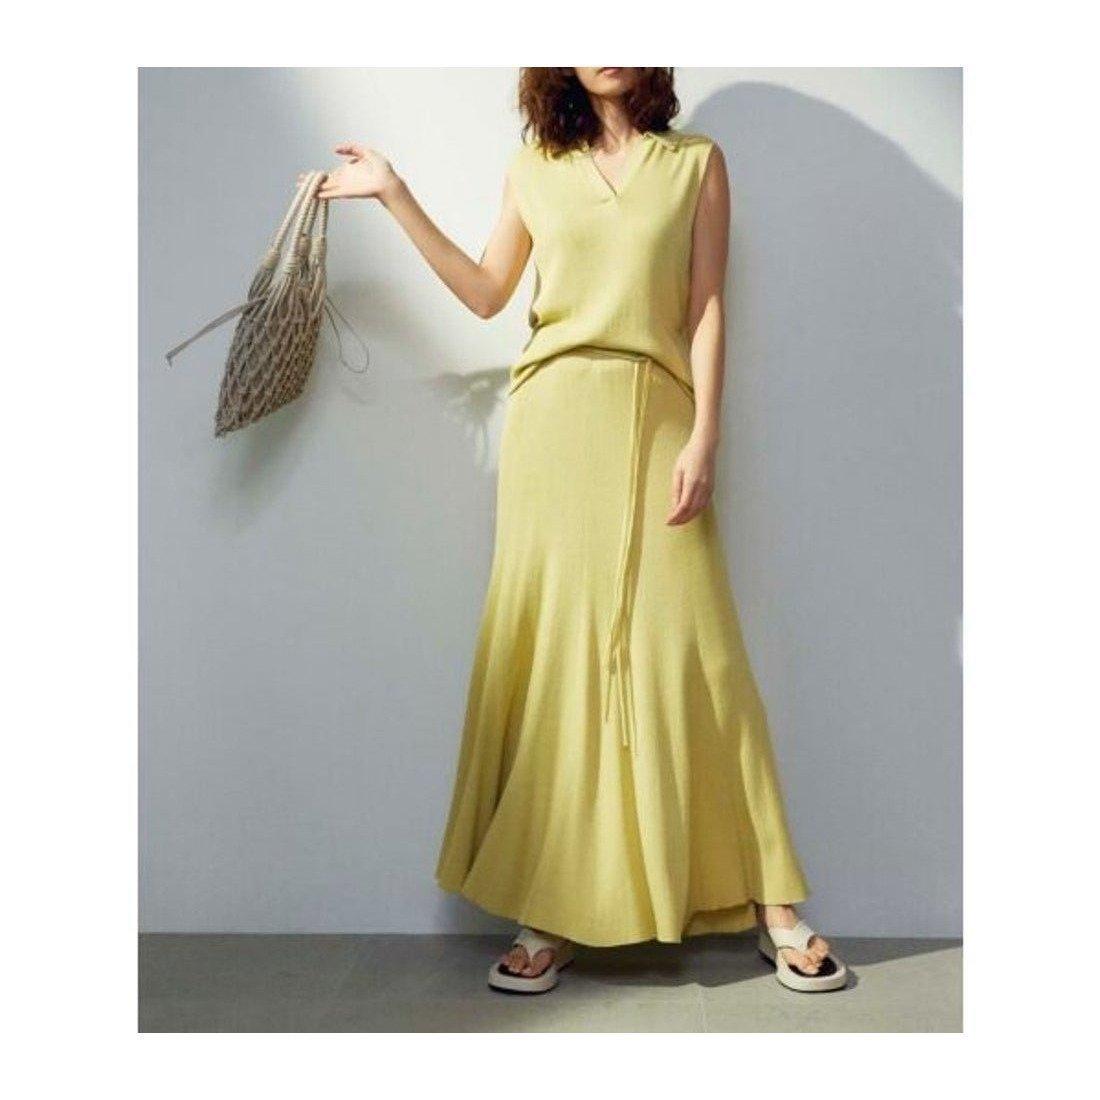 セットでも単品でも活躍! 洗えるニットセットアップ 人気、トレンドファッション・服の通販 founy(ファニー) 【ミラオーウェン/Mila Owen】 トレンドファッション・スタイル  Fashion Trends ブランド Brand ファッション Fashion レディースファッション WOMEN スカート Skirt イエロー ウォッシャブル 春 Spring 洗える 今季 スマート スリット セットアップ トレンド 定番 Standard 2021年 2021 S/S・春夏 SS・Spring/Summer 2021春夏・S/S SS/Spring/Summer/2021 夏 Summer |ID:prp329100001526309